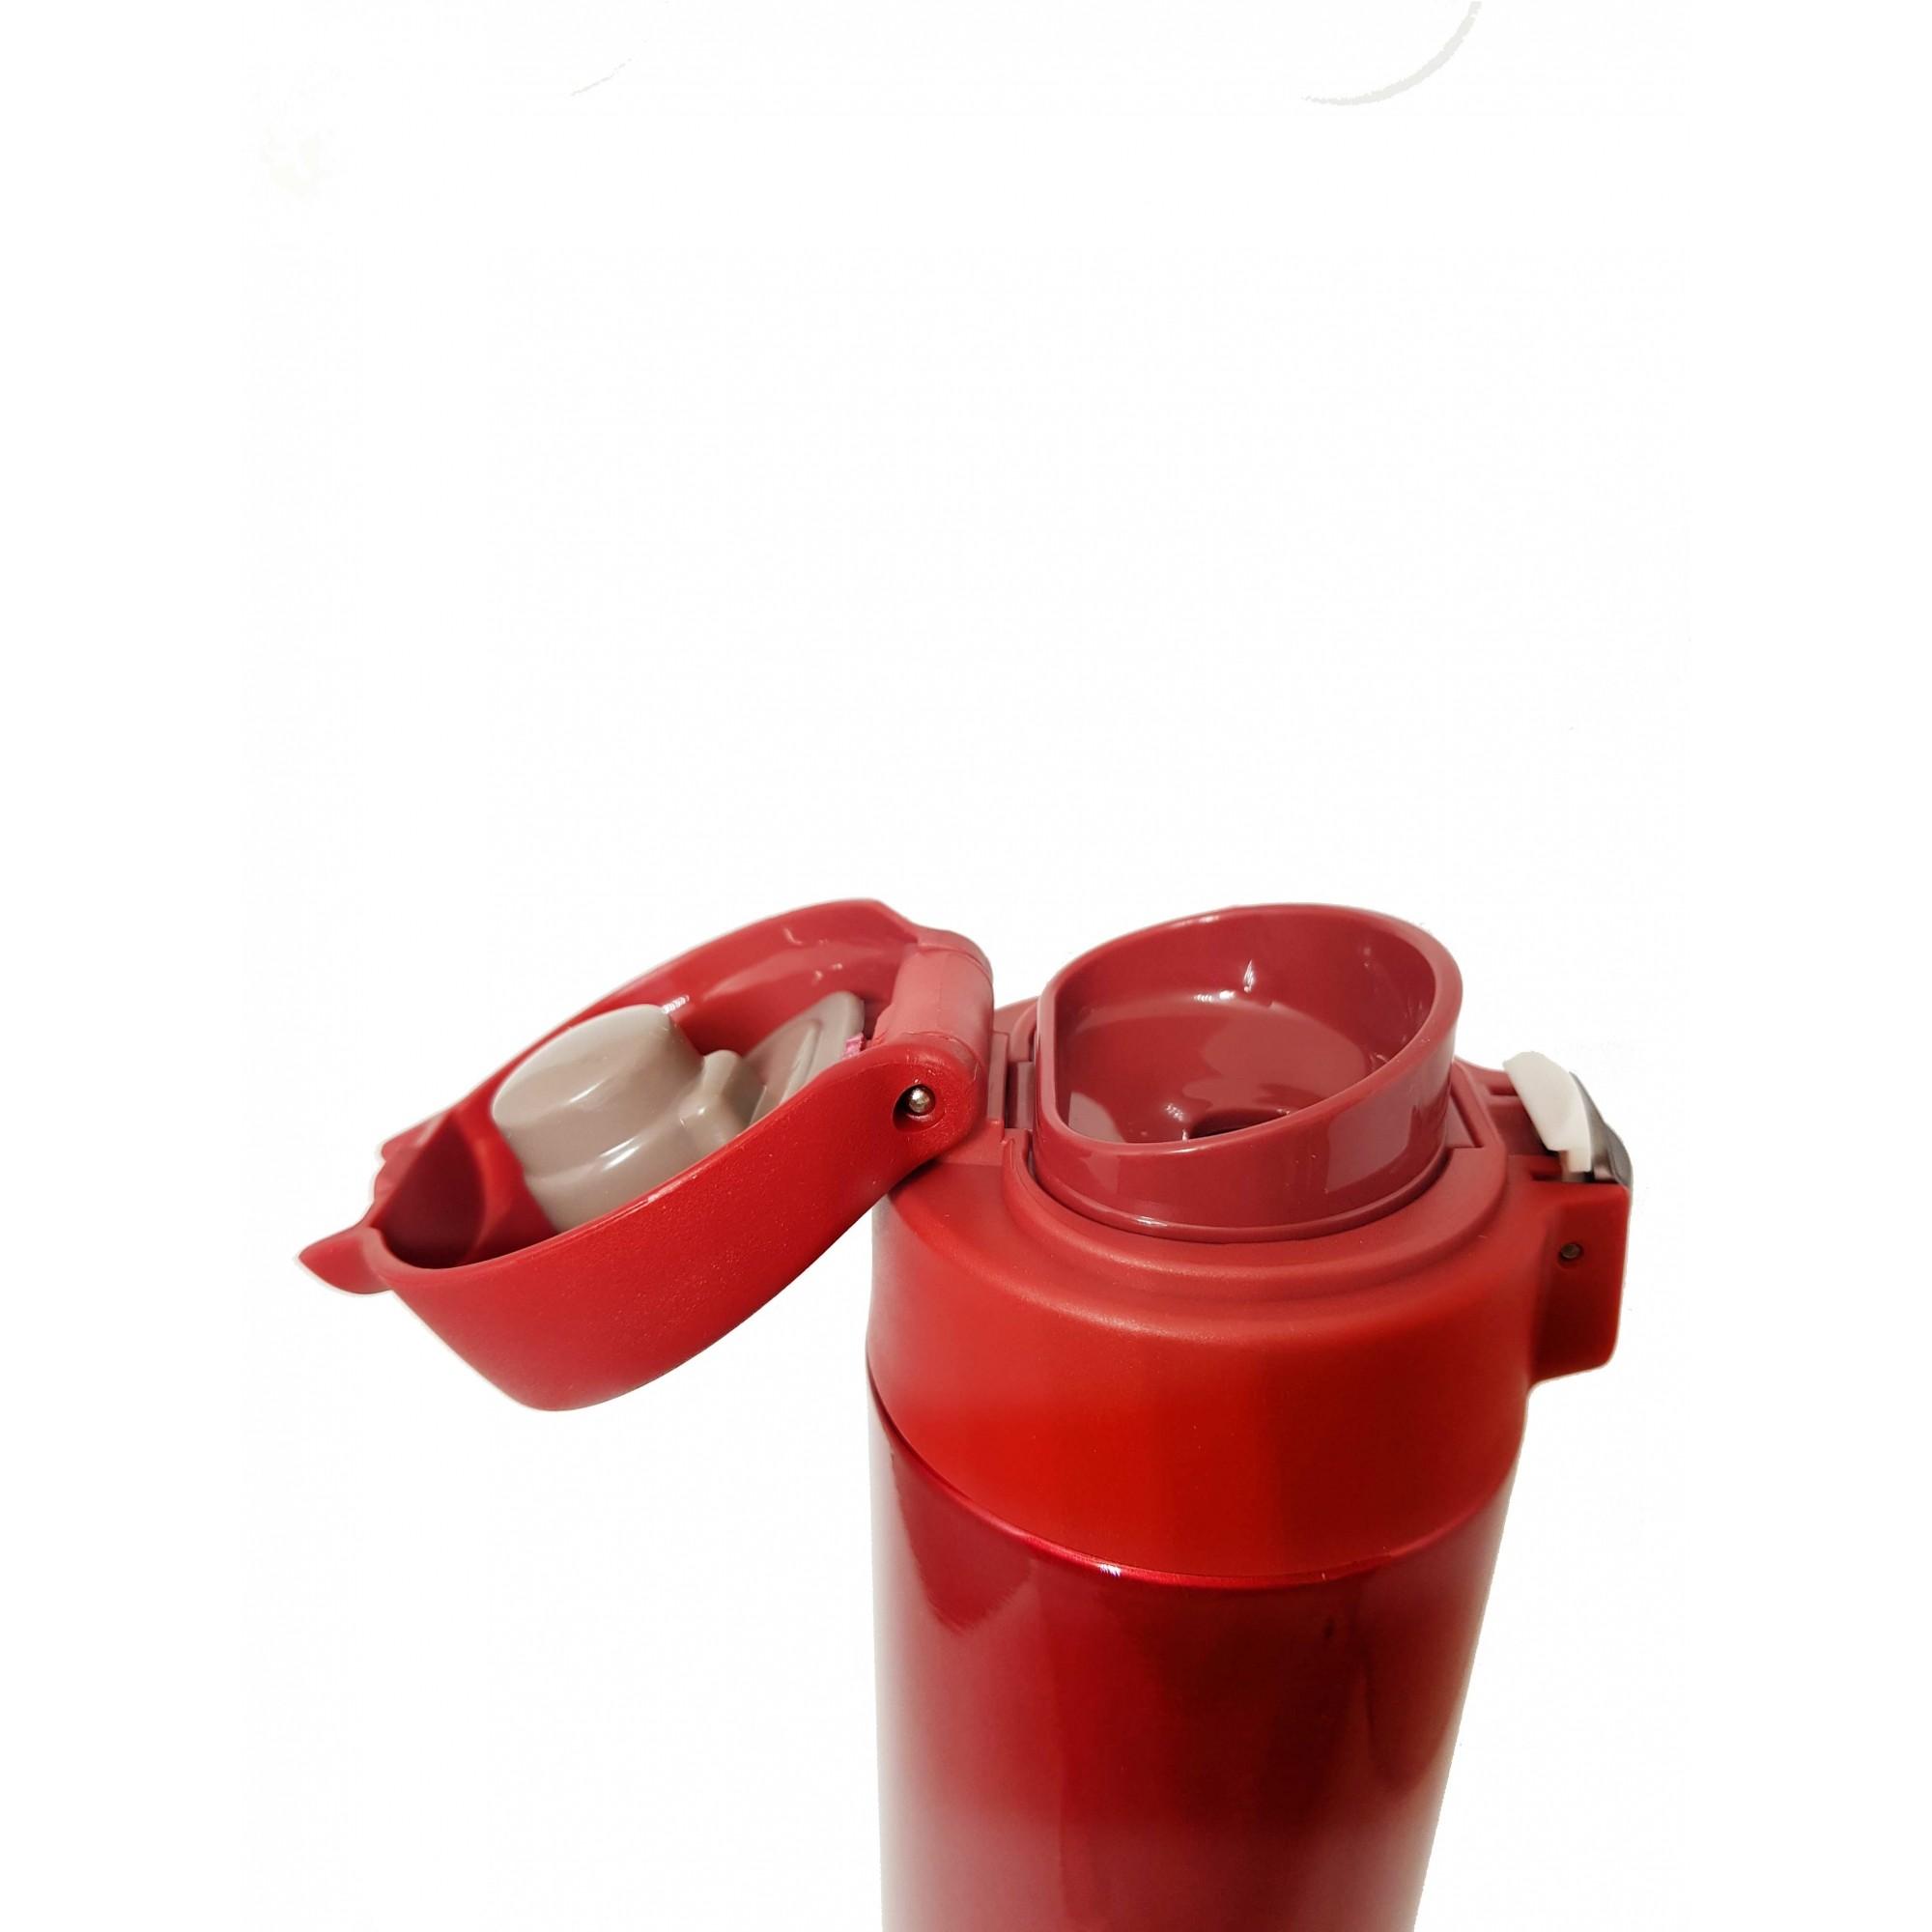 Garrafa Térmica de Inox - 500ml Vermelha OUTLET